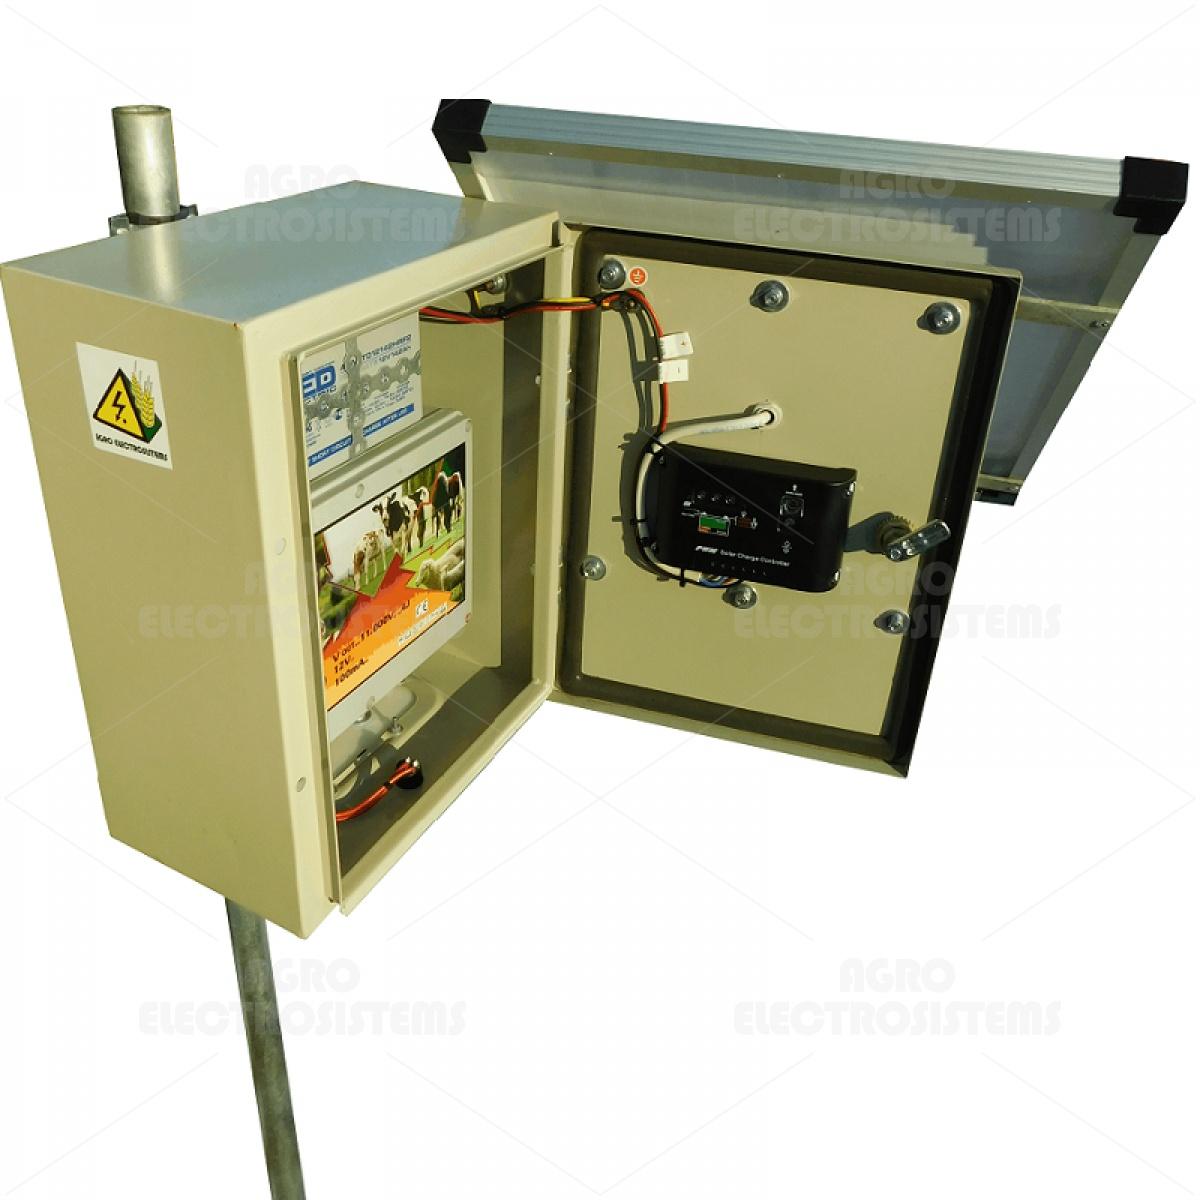 Aparat gard electric DL4000 compact